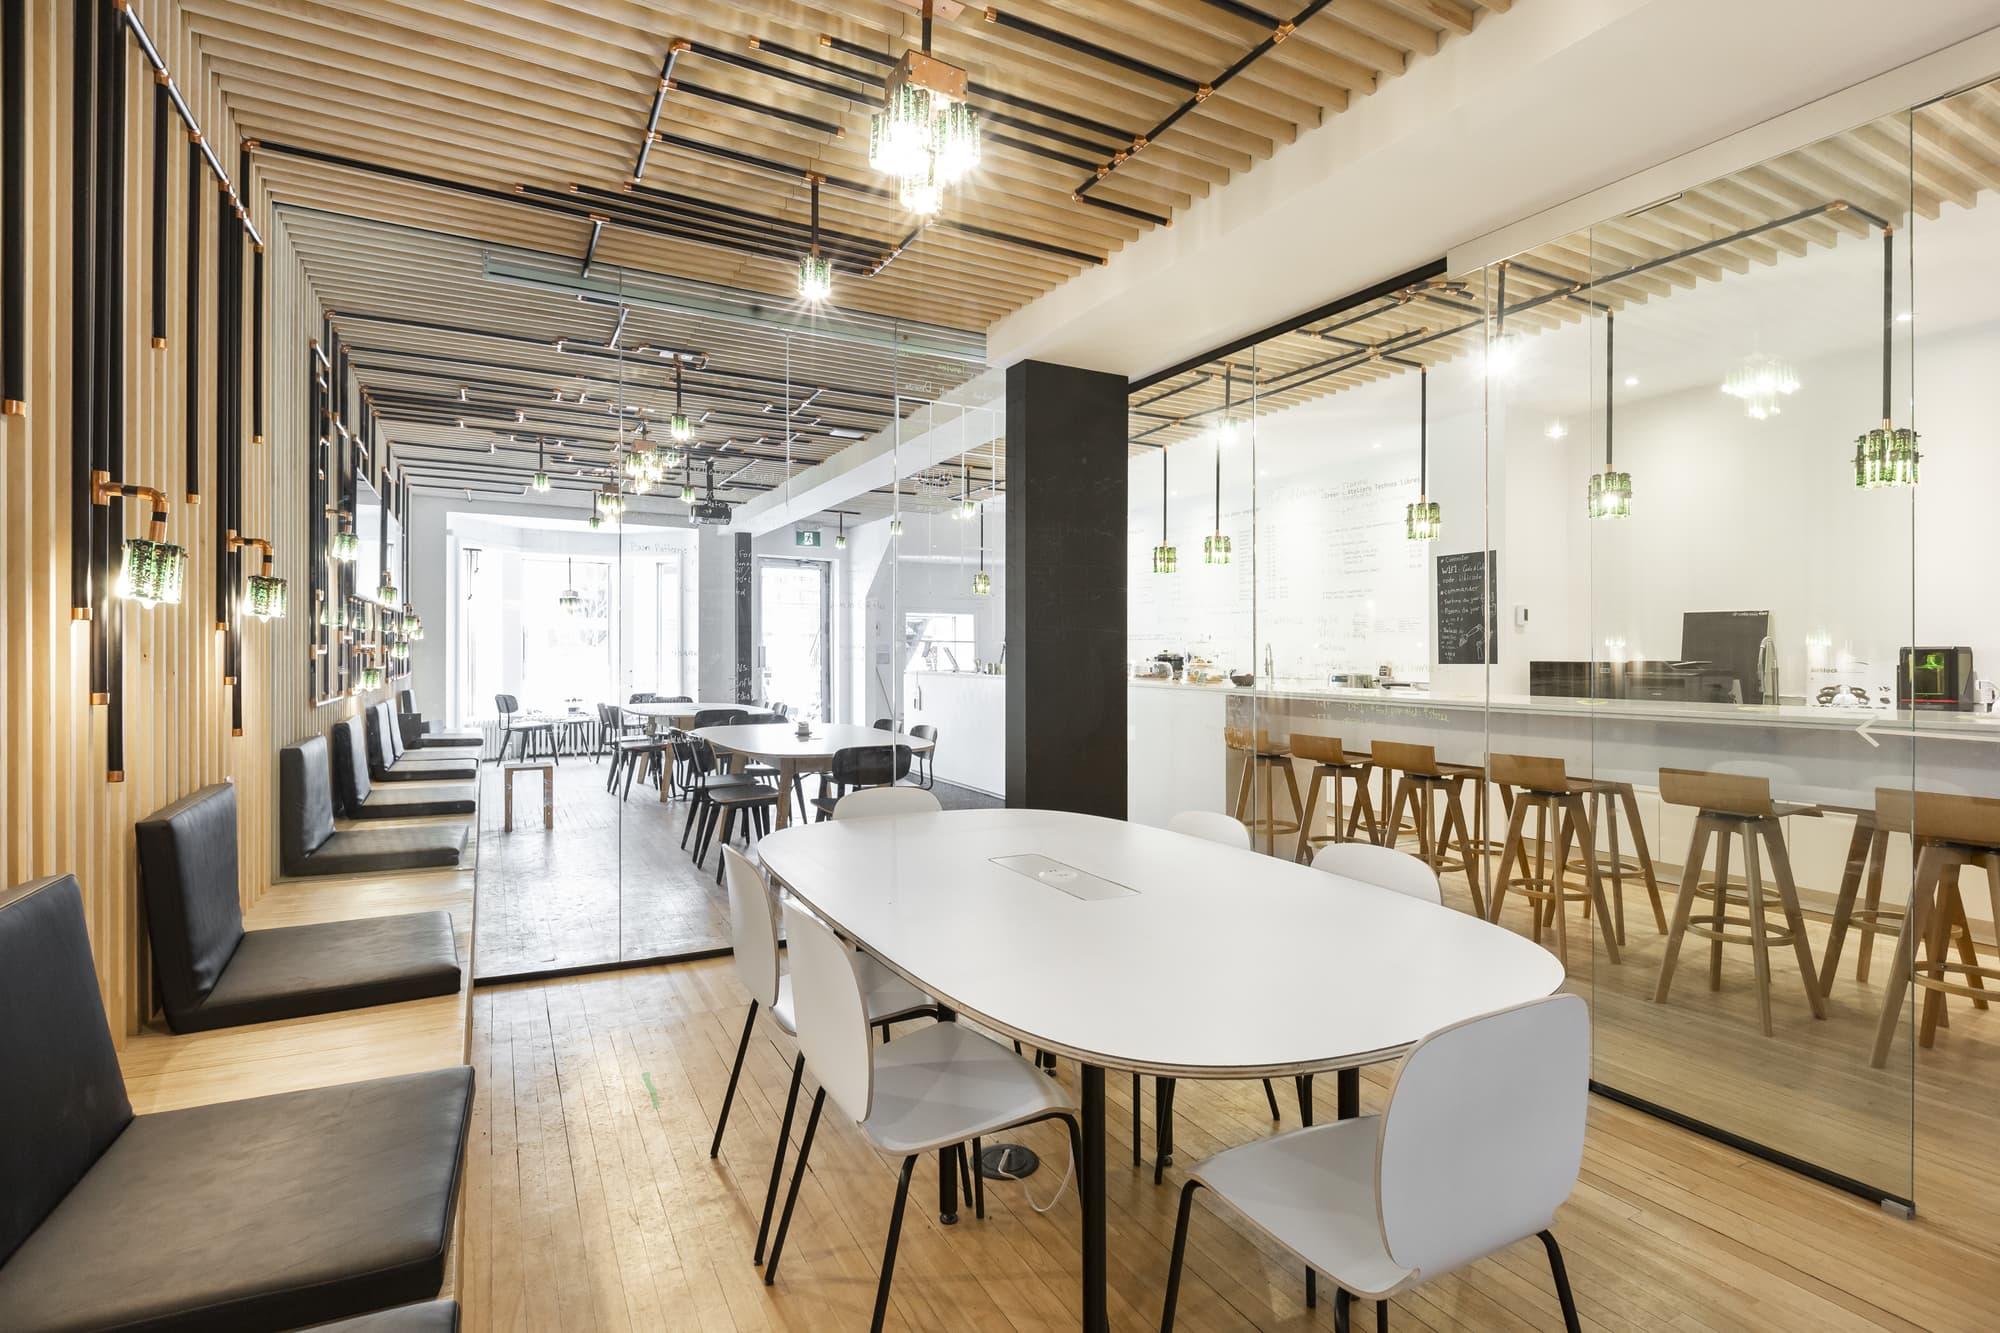 rénovation locaux d'un café multifonctionnel avec table et chaises blanches